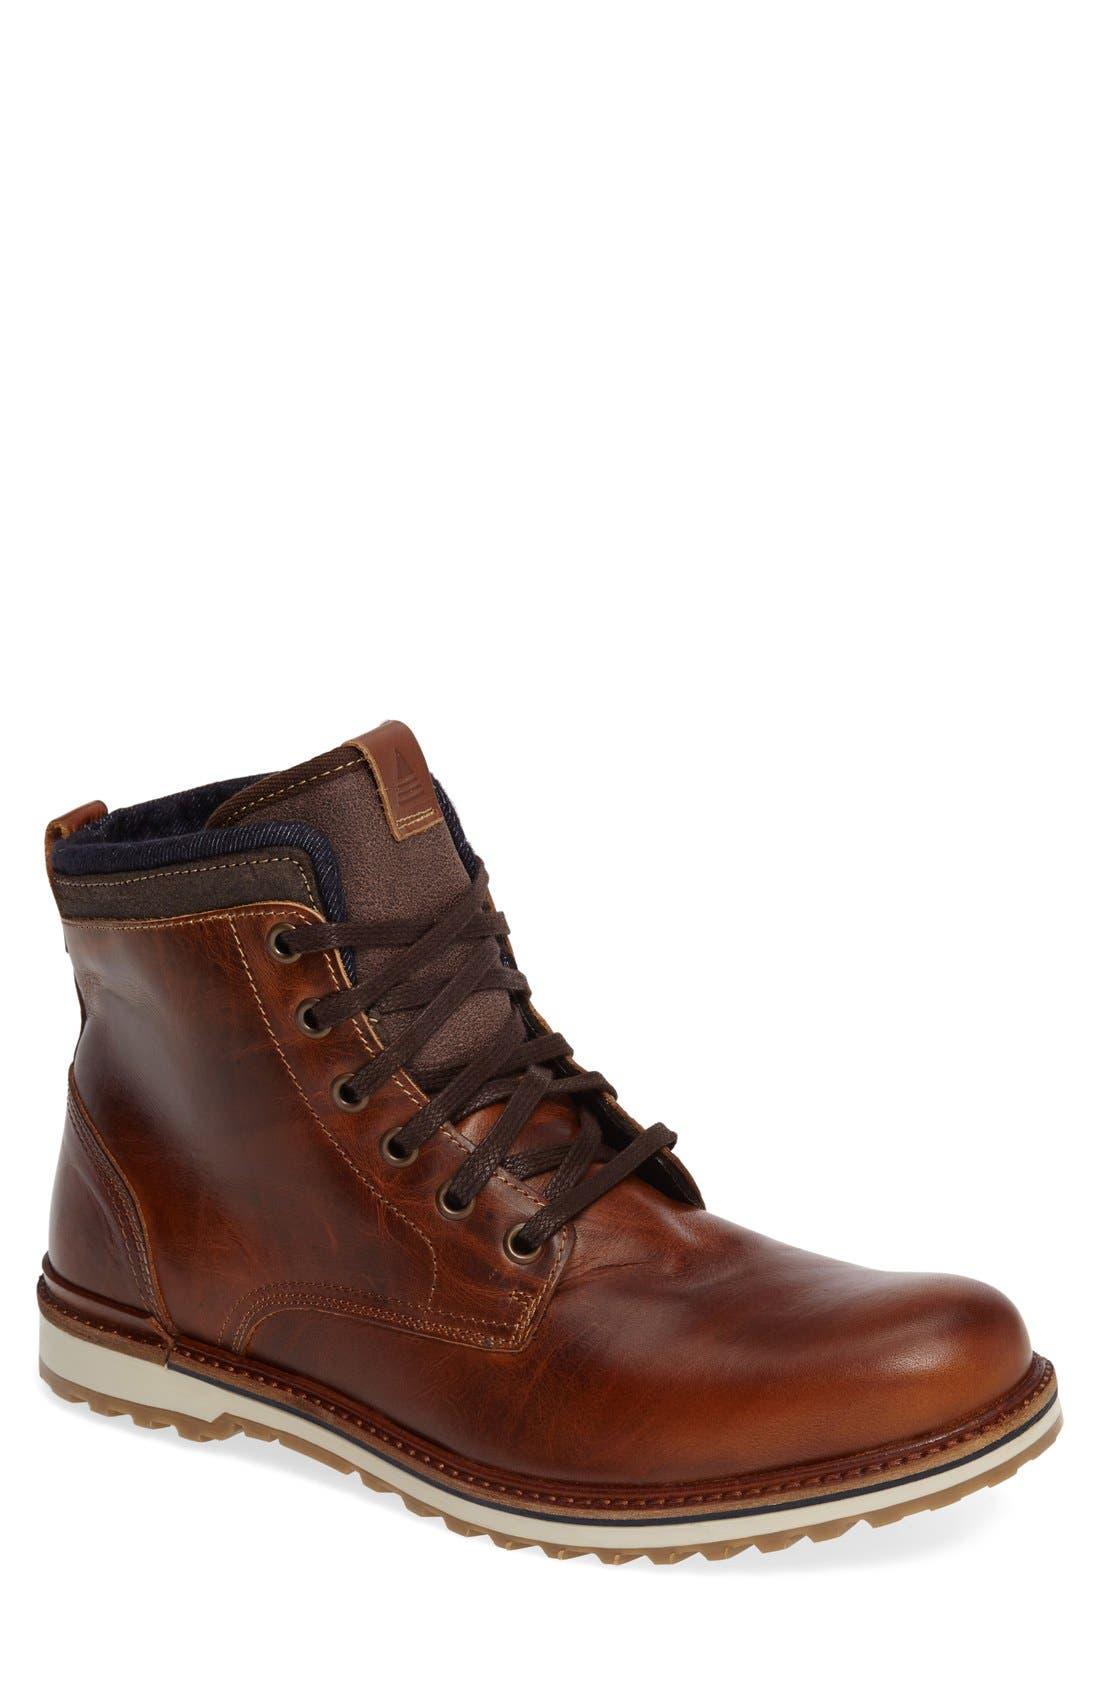 Qorellan Plain Toe Boot, Main, color, 240